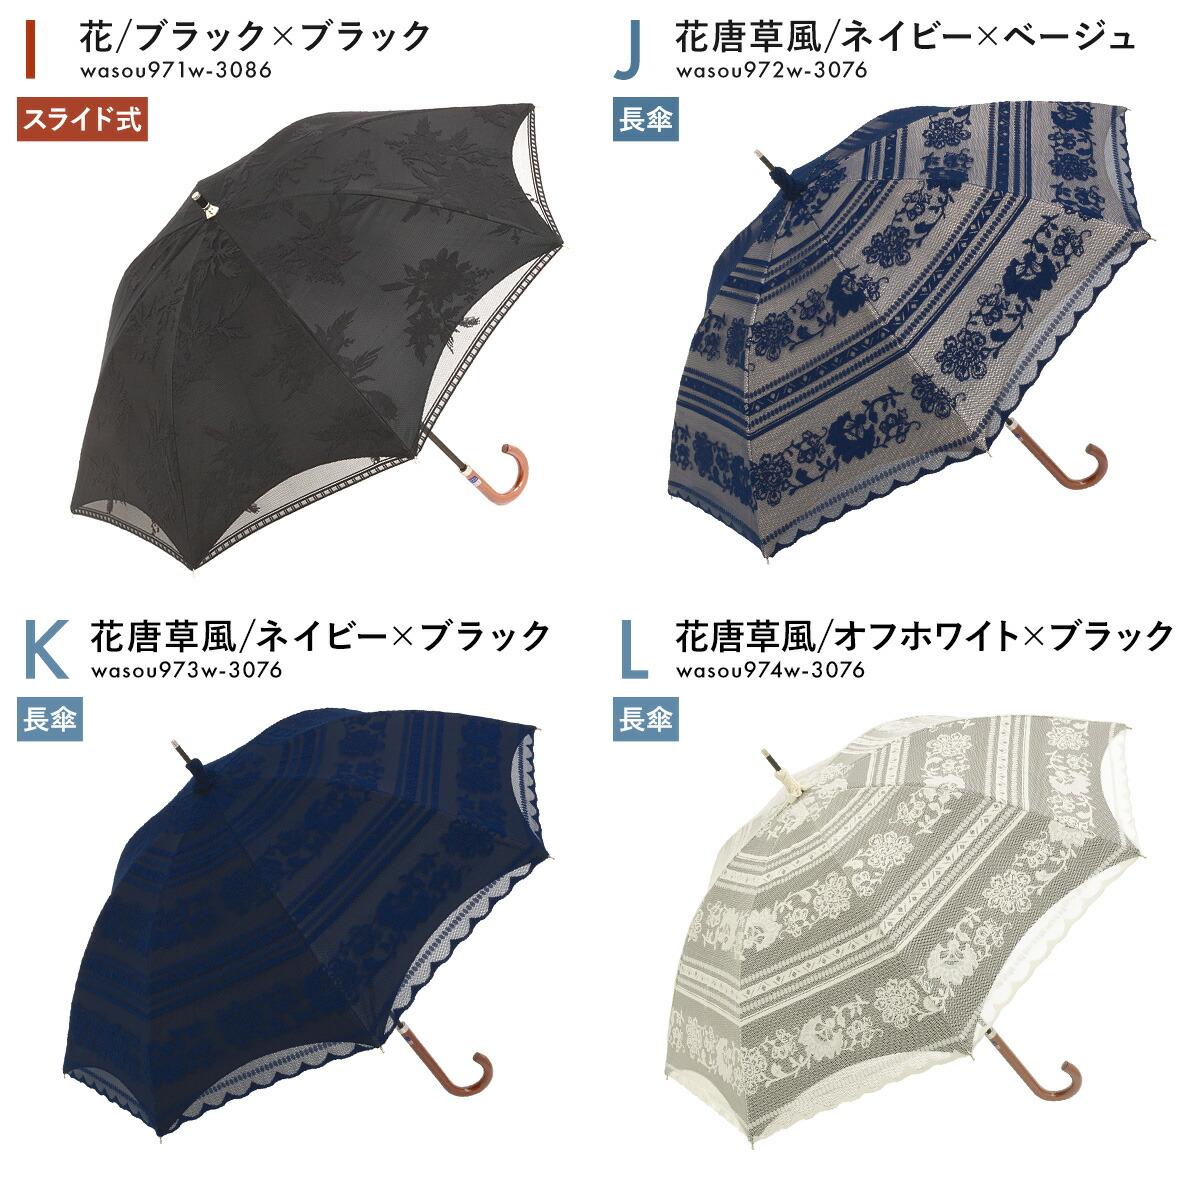 レースが上品な日傘